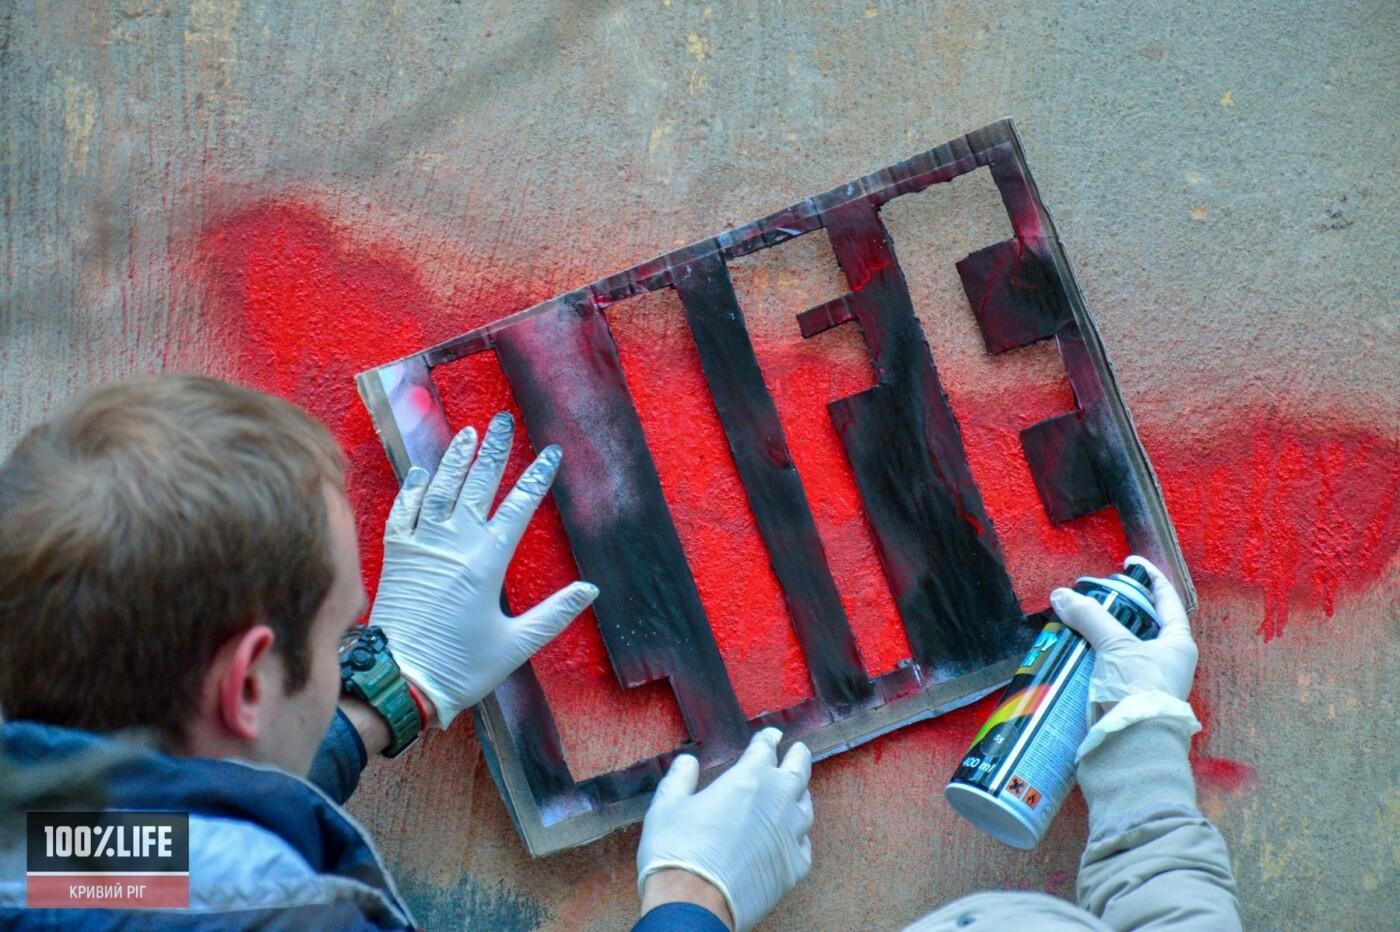 Криворожские подростки вместе с копами зарисовывали незаконную рекламу наркотиков, - ФОТО , фото-18